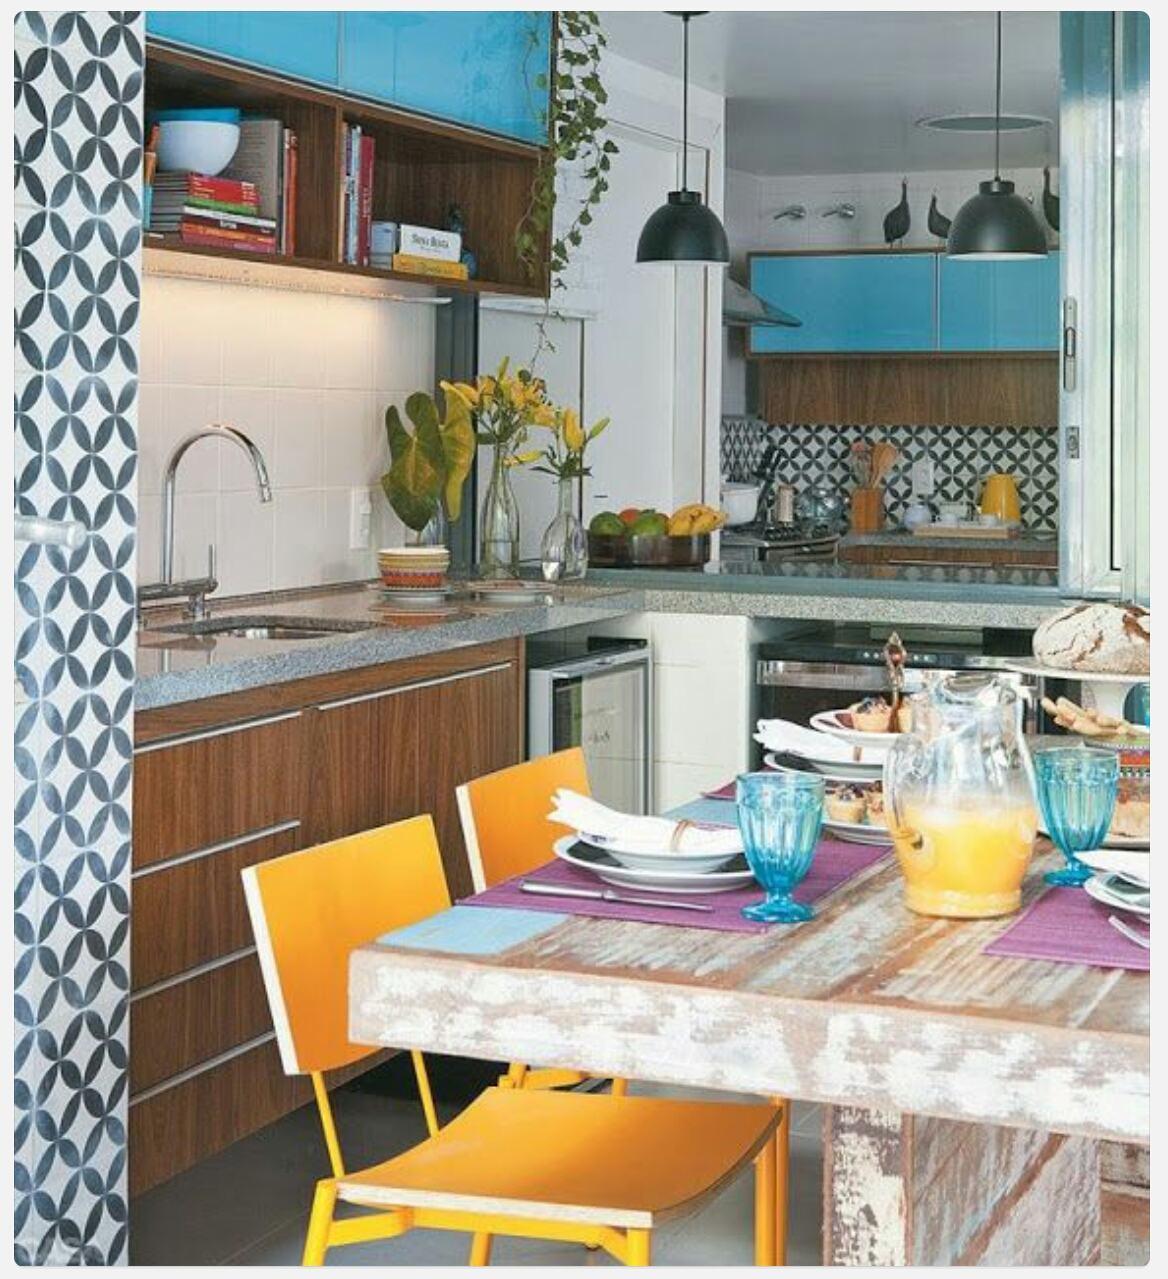 Deixe sua cozinha azul alegre com o uso de cores